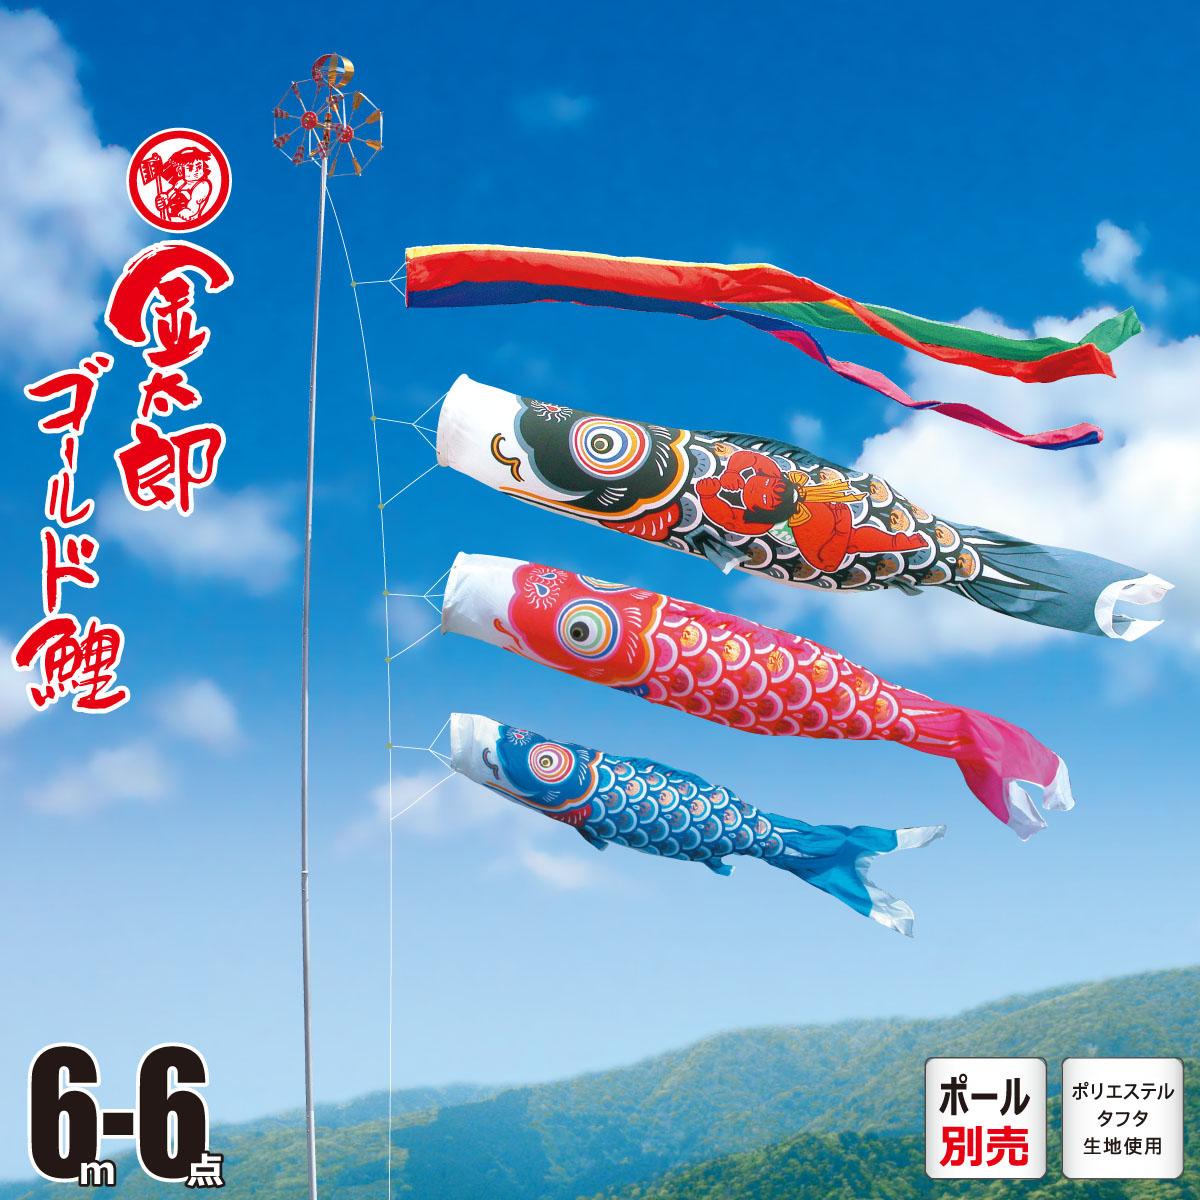 こいのぼり 6m 金太郎ゴールド鯉 6点 (矢車、ロープ、吹流し、鯉3匹) 庭園用 (ポール別売り) 徳永鯉のぼり KIT-002-962